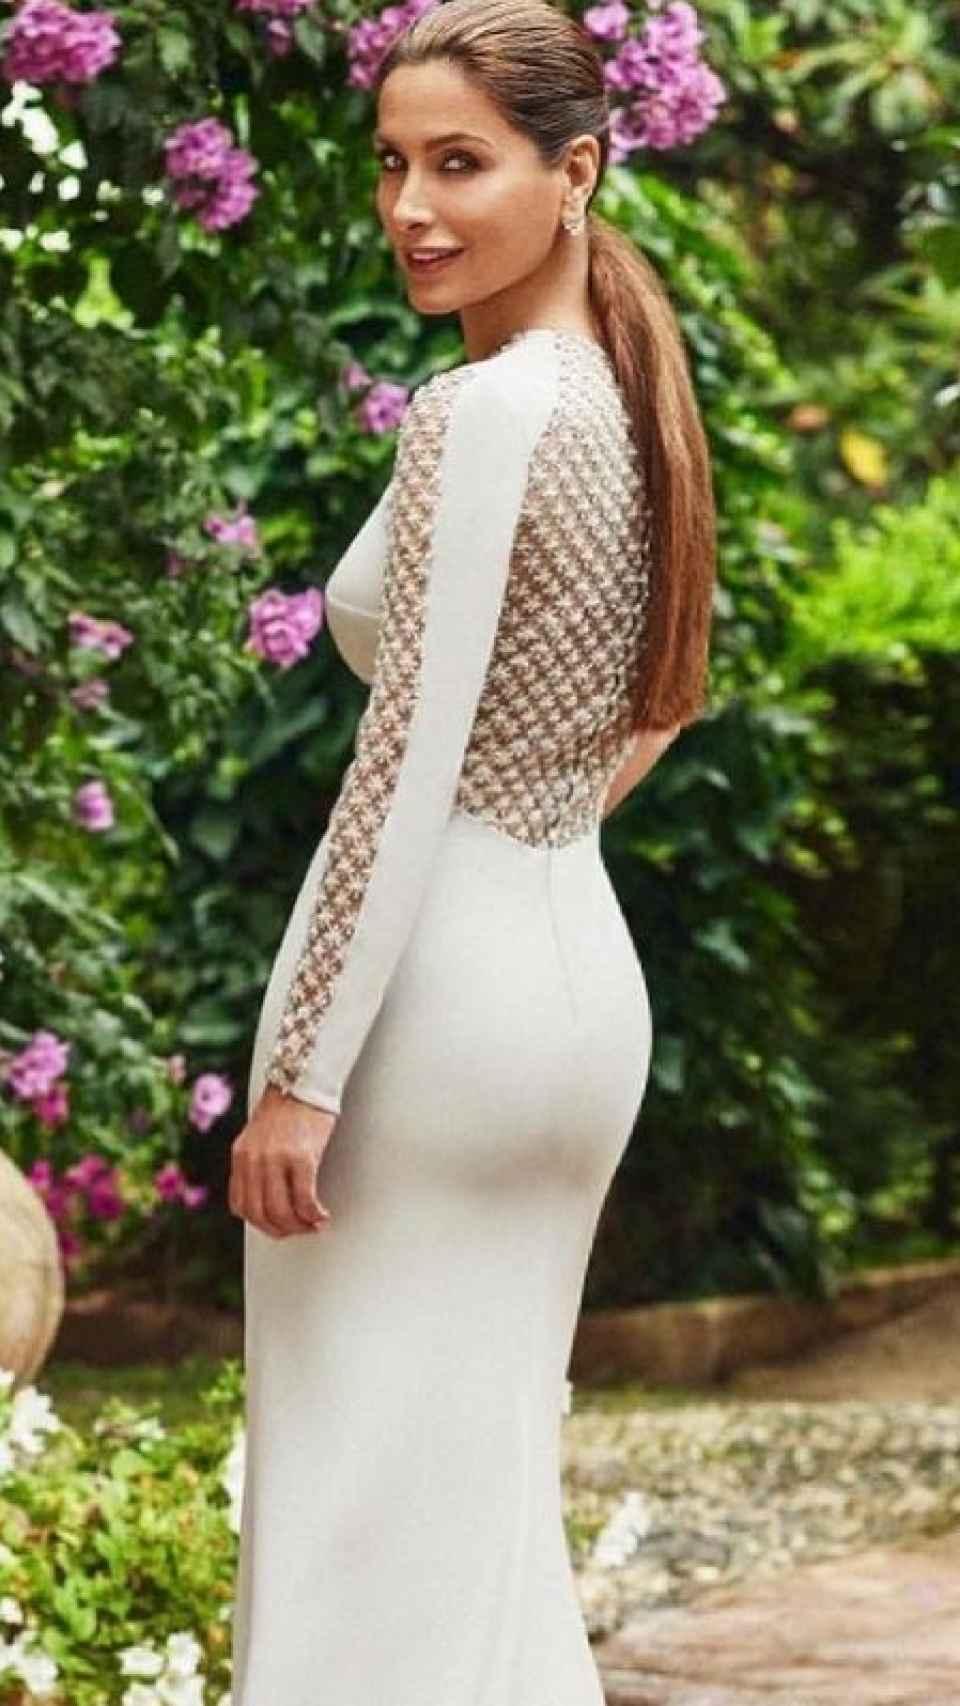 Paloma Cuevas en una imagen reciente con un vestido de su creación.